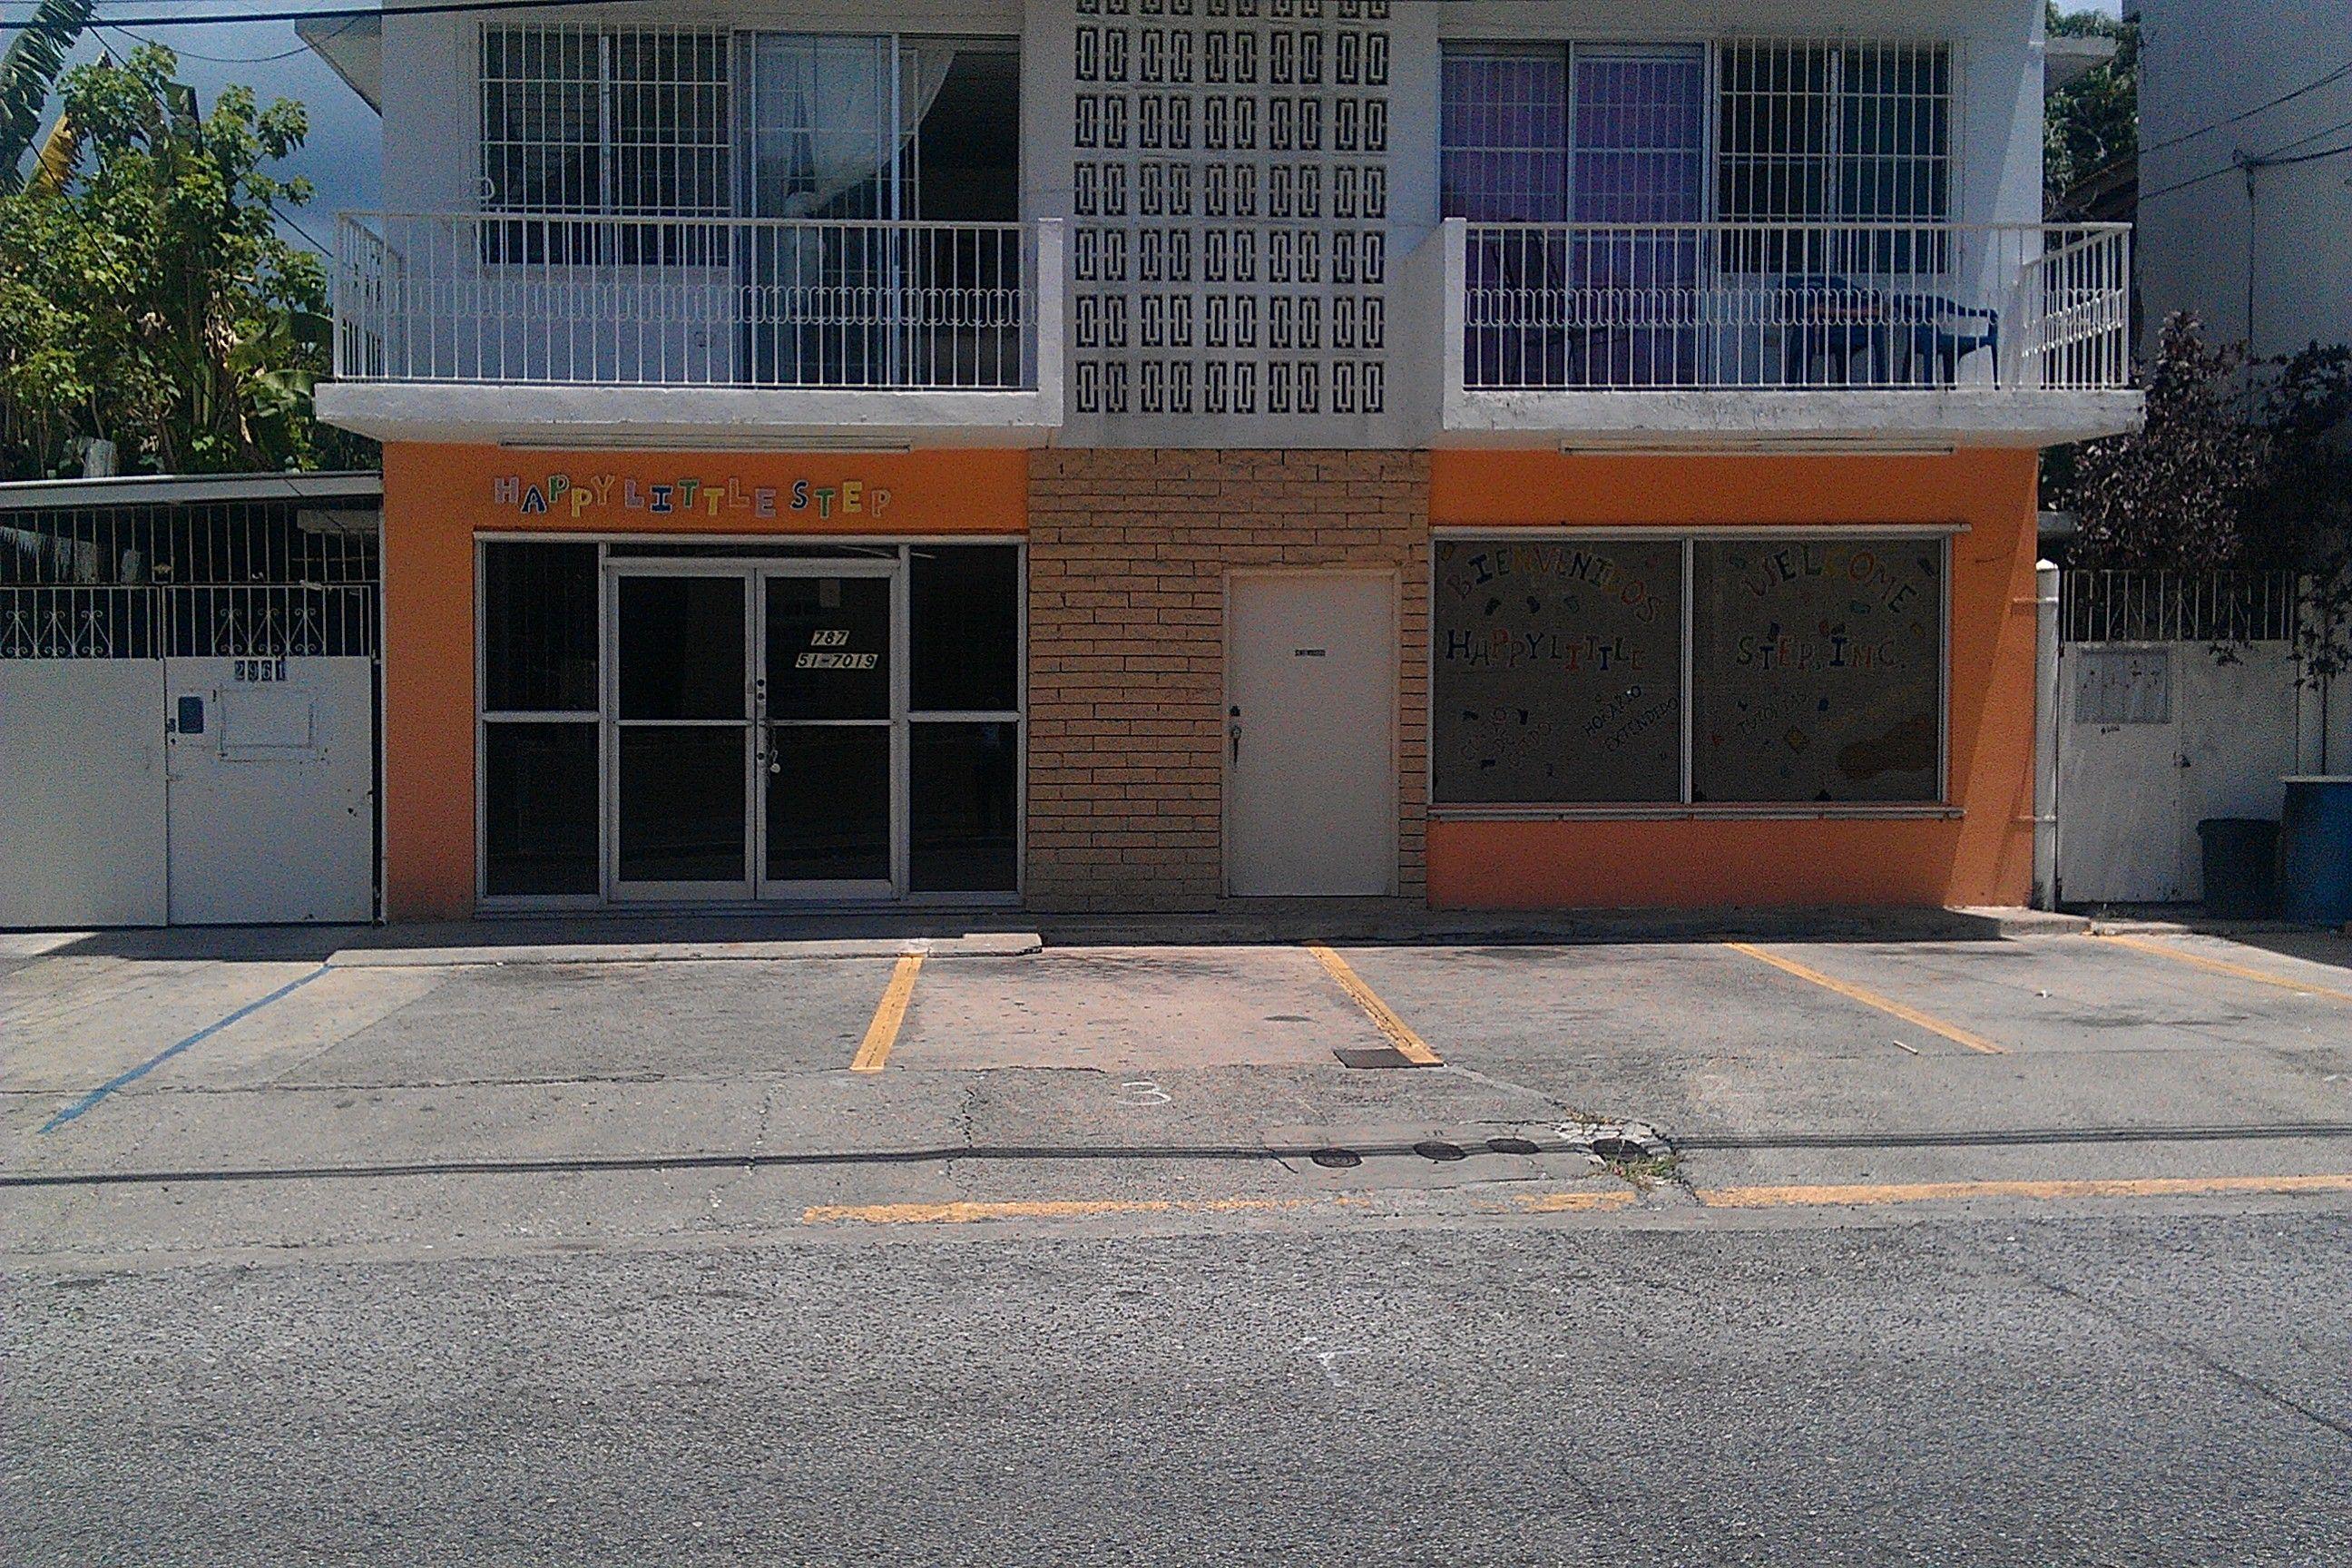 Ponce / Calle Roosevelt: Alquiler. Espacioso local 2,000 p/c. Dividido para oficinas, baños, aires, estacionamientos, etc. $9.00 p/c.